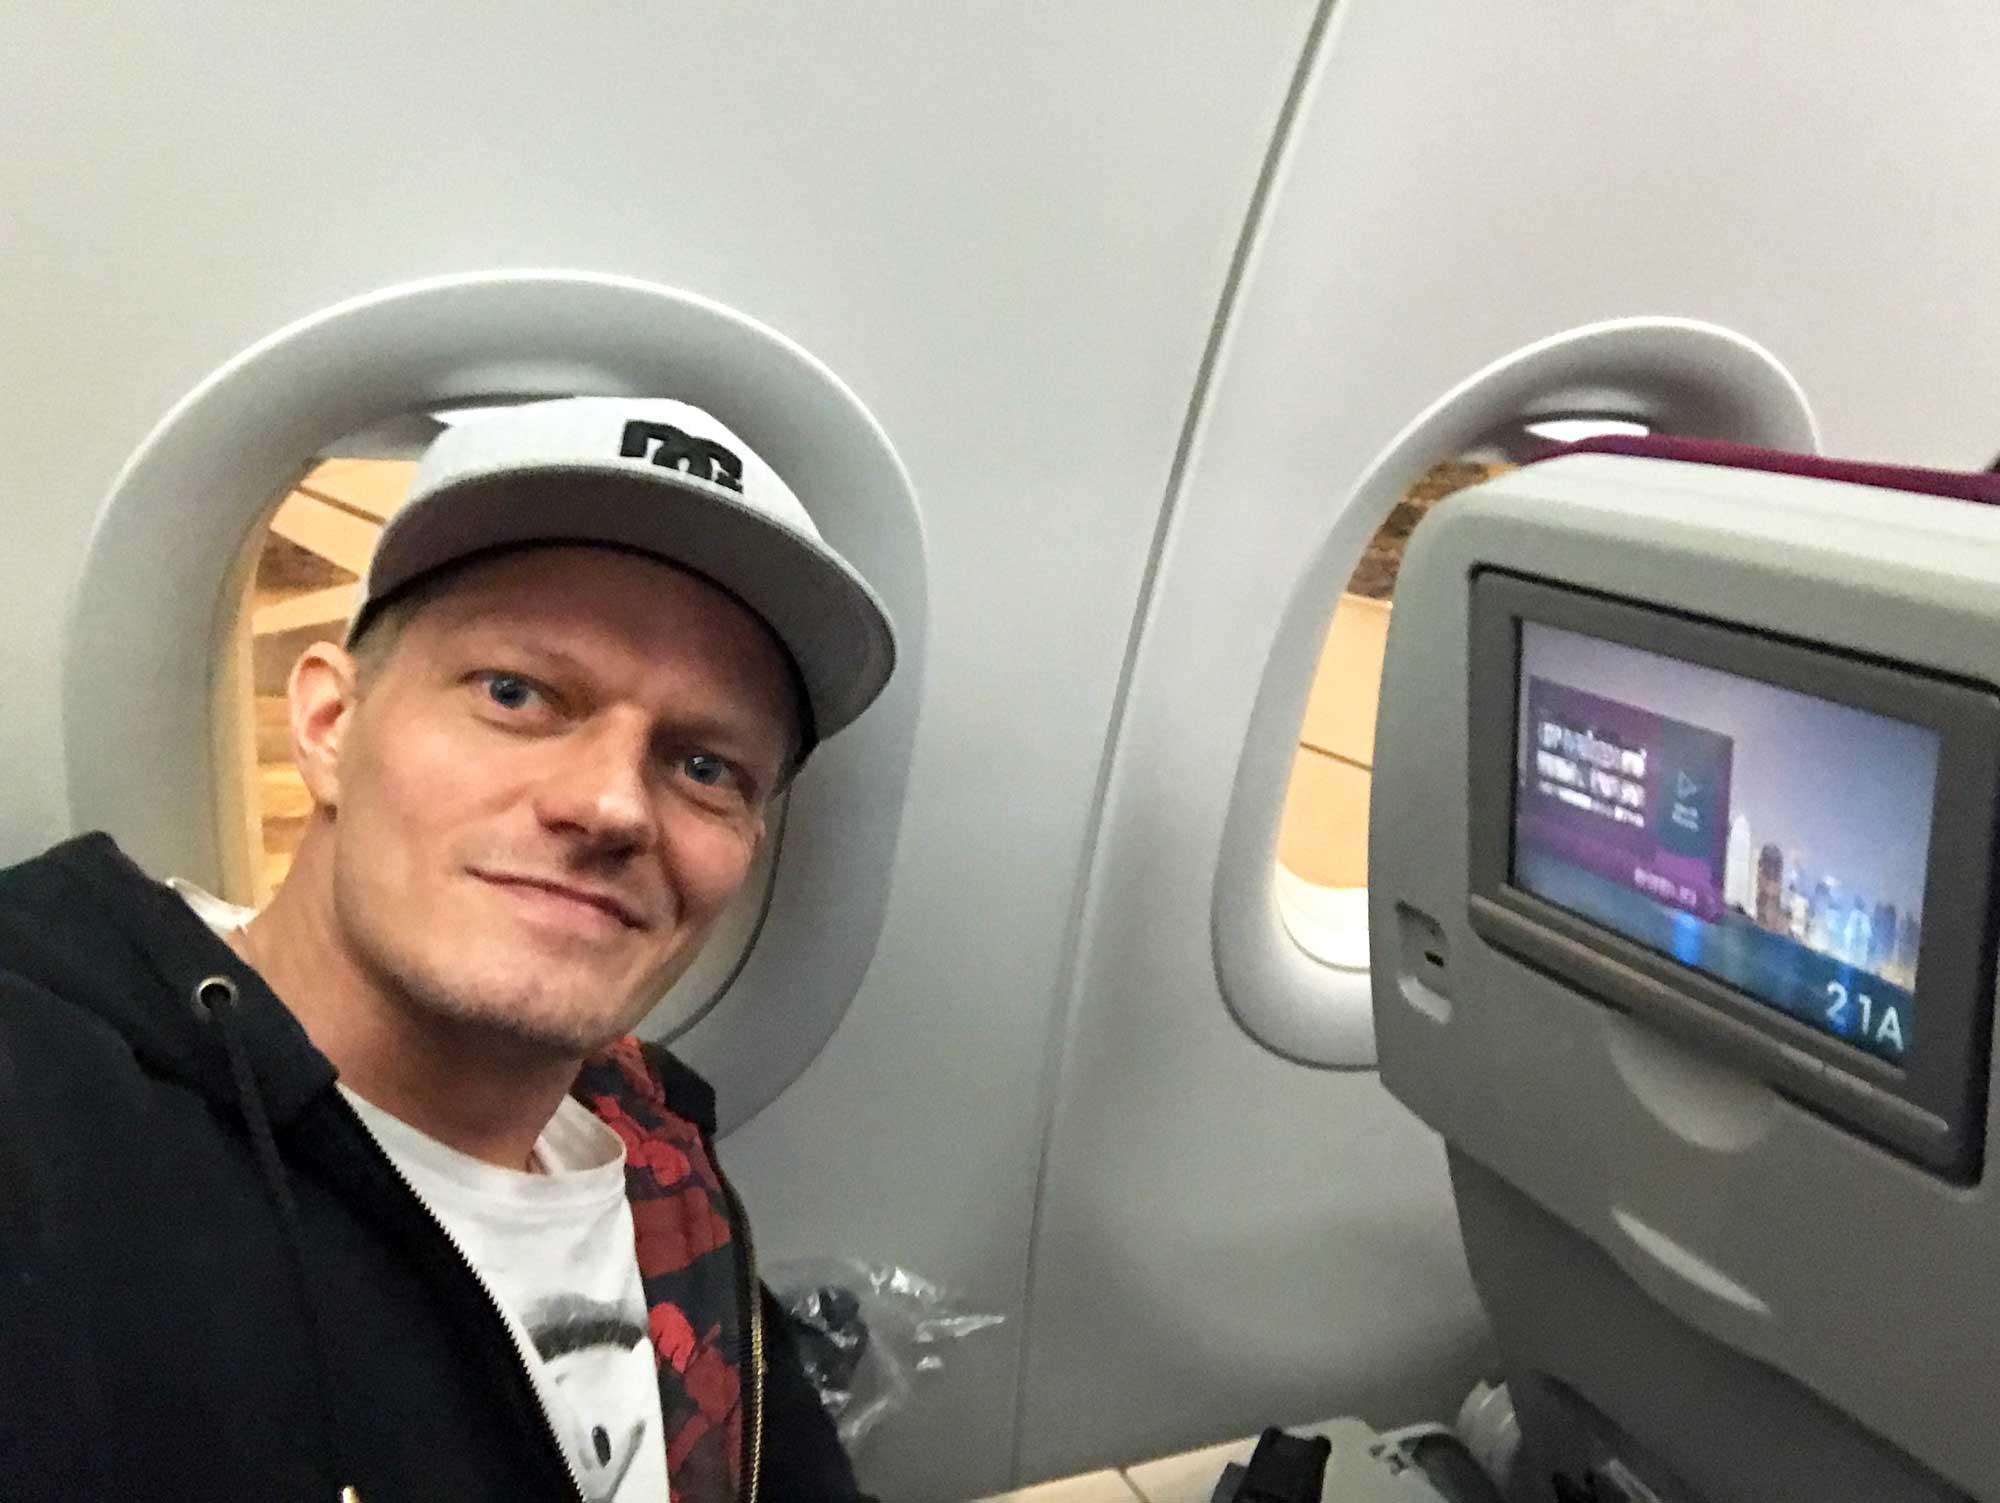 Qatar Airways selfie before takeoff at Helsinki HEL airport - Blog - Screw Them All